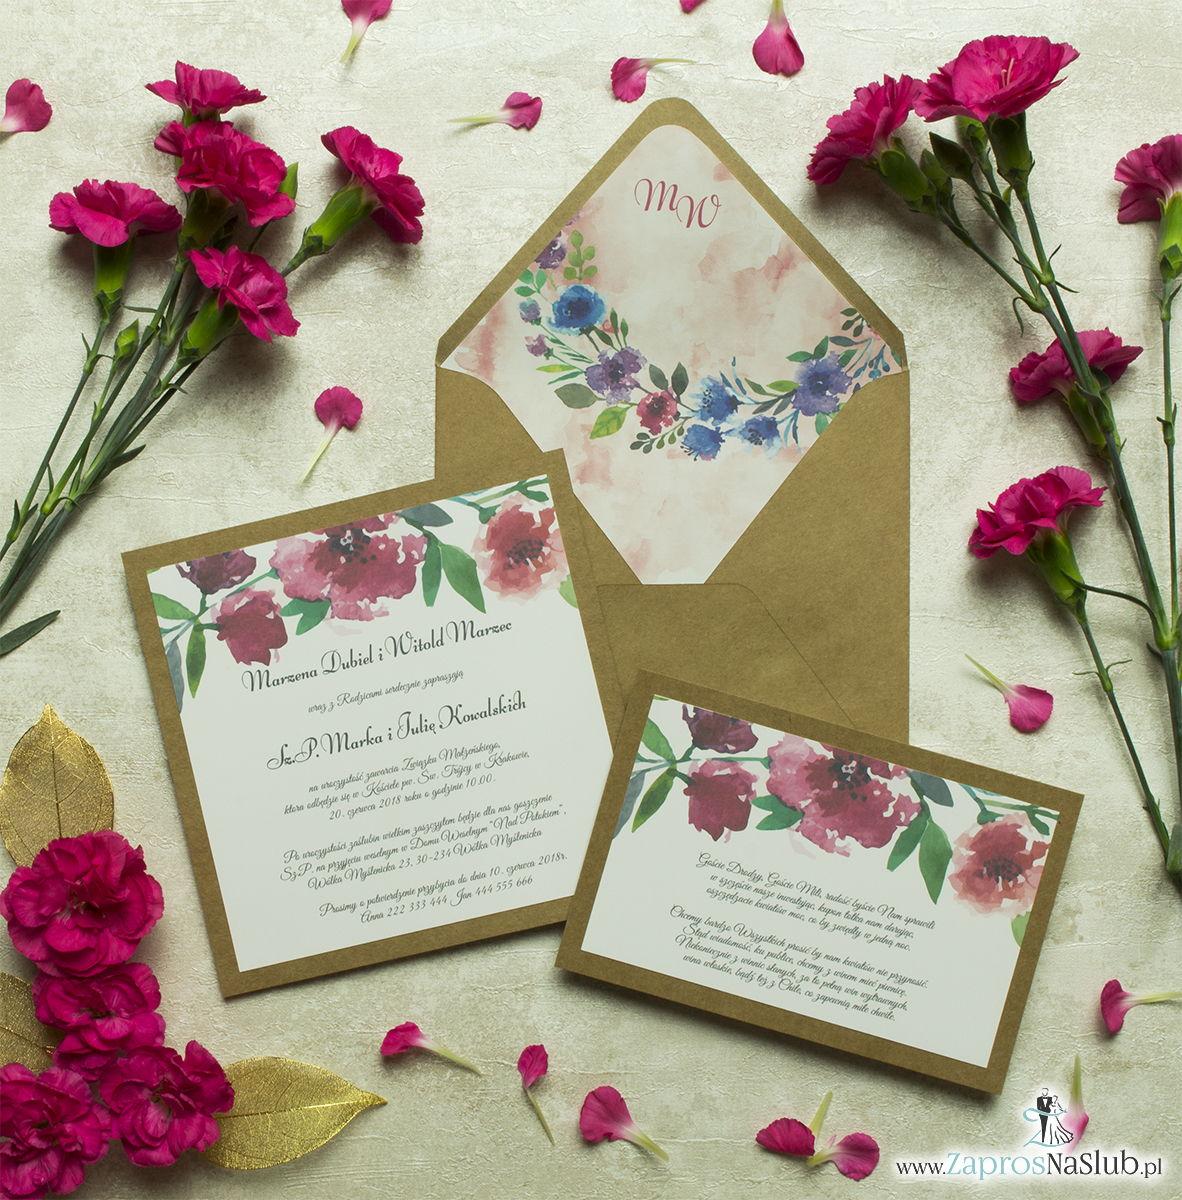 Dwuczęściowe, kwiatowe zaproszenia ślubne w stylu eko, z polnymi kwiatami - makami i chabrami. ZAP-76-04